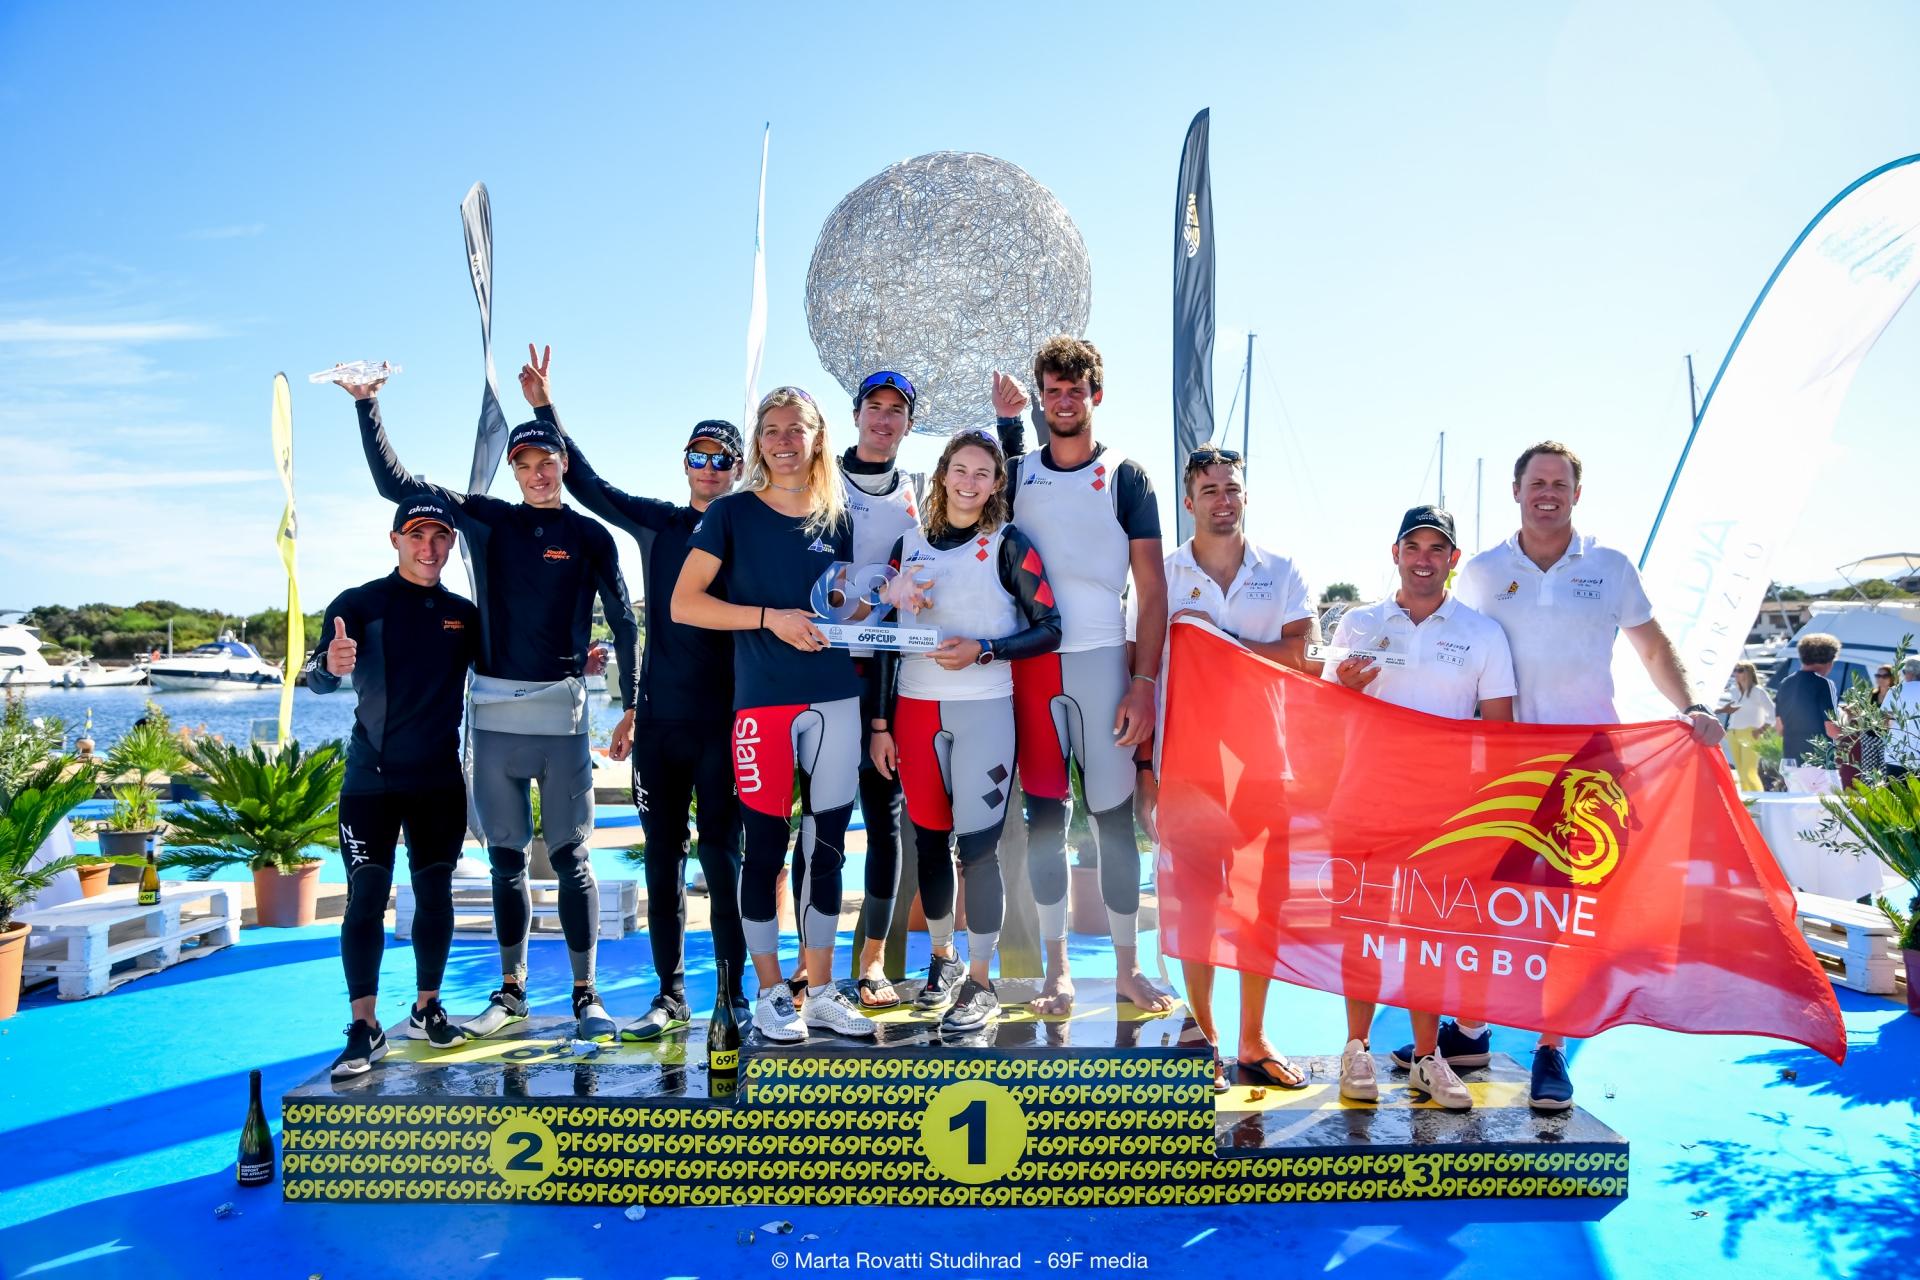 Young Azzurra vince il Grand Prix conclusivo della Persico 69F Cup - MEMBER NEWS - Yacht Club Costa Smeralda